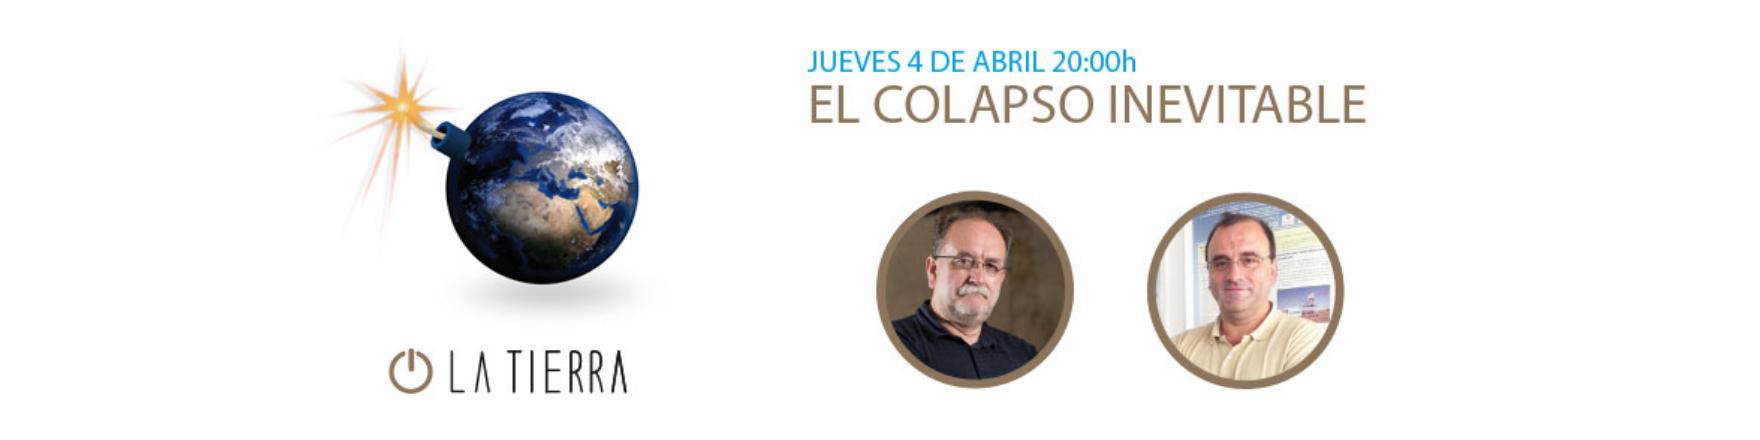 Cabecera El colapso inevitable